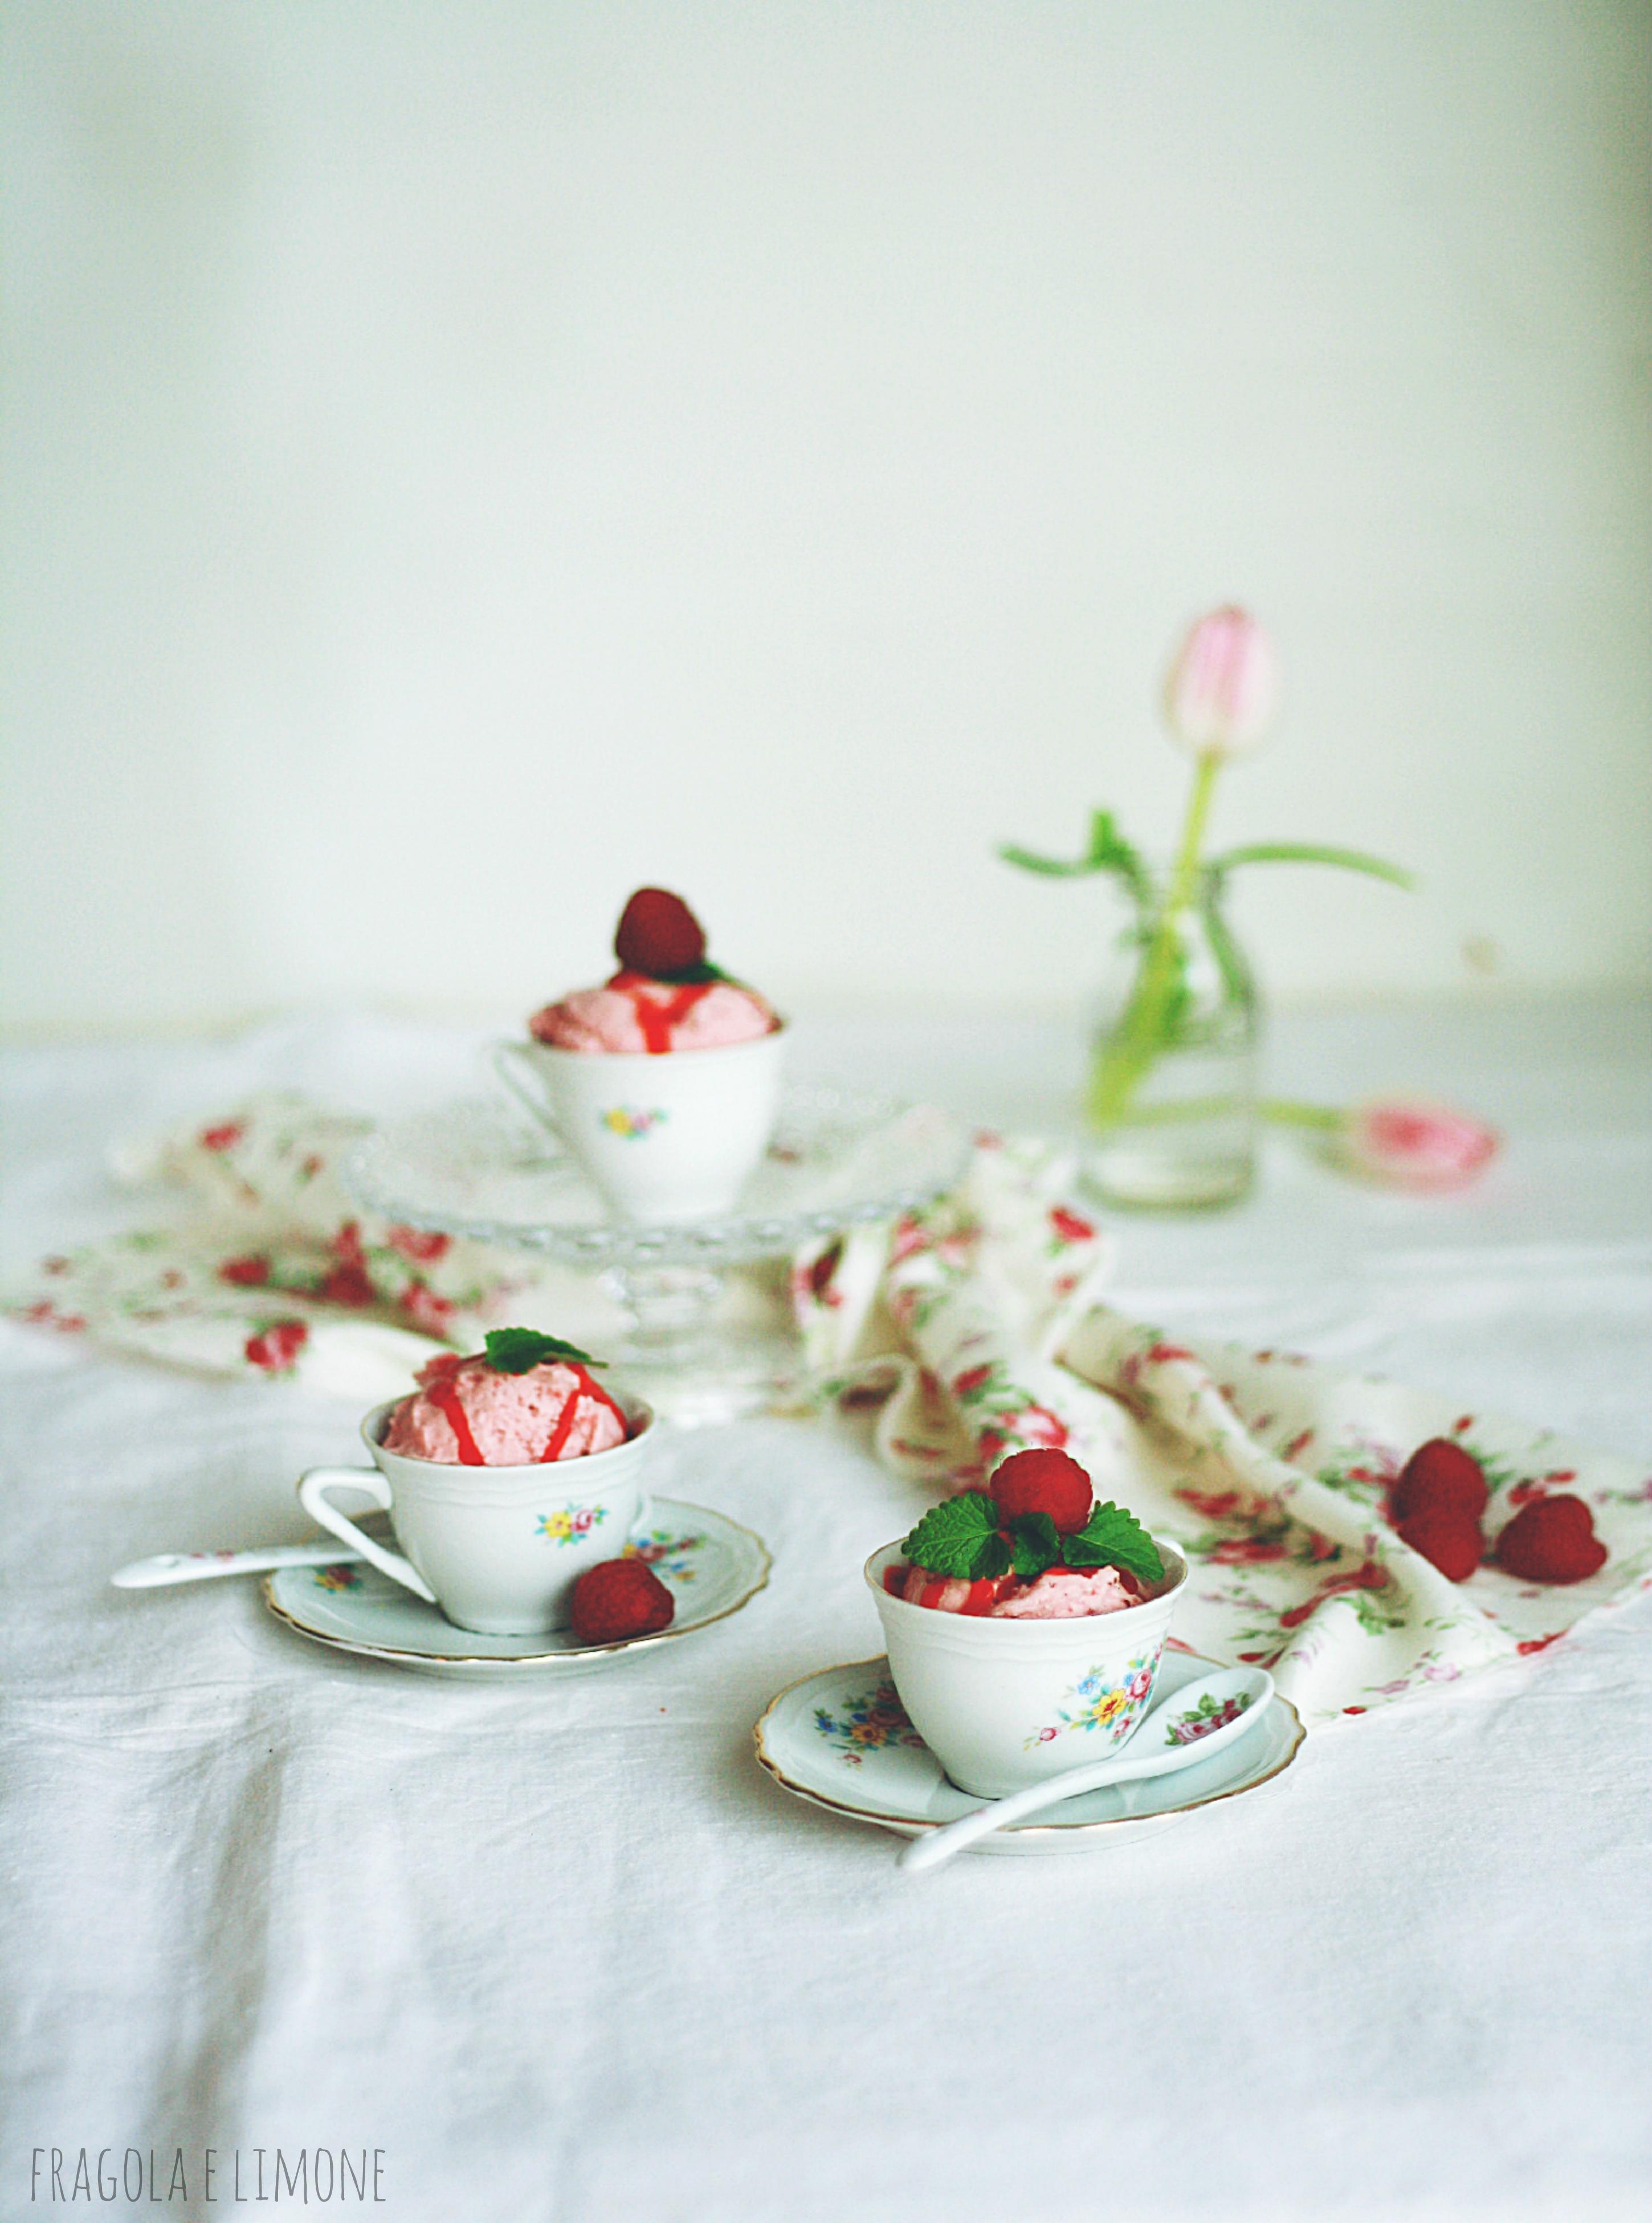 tazzine con gelato alle fragole e rabarbaro